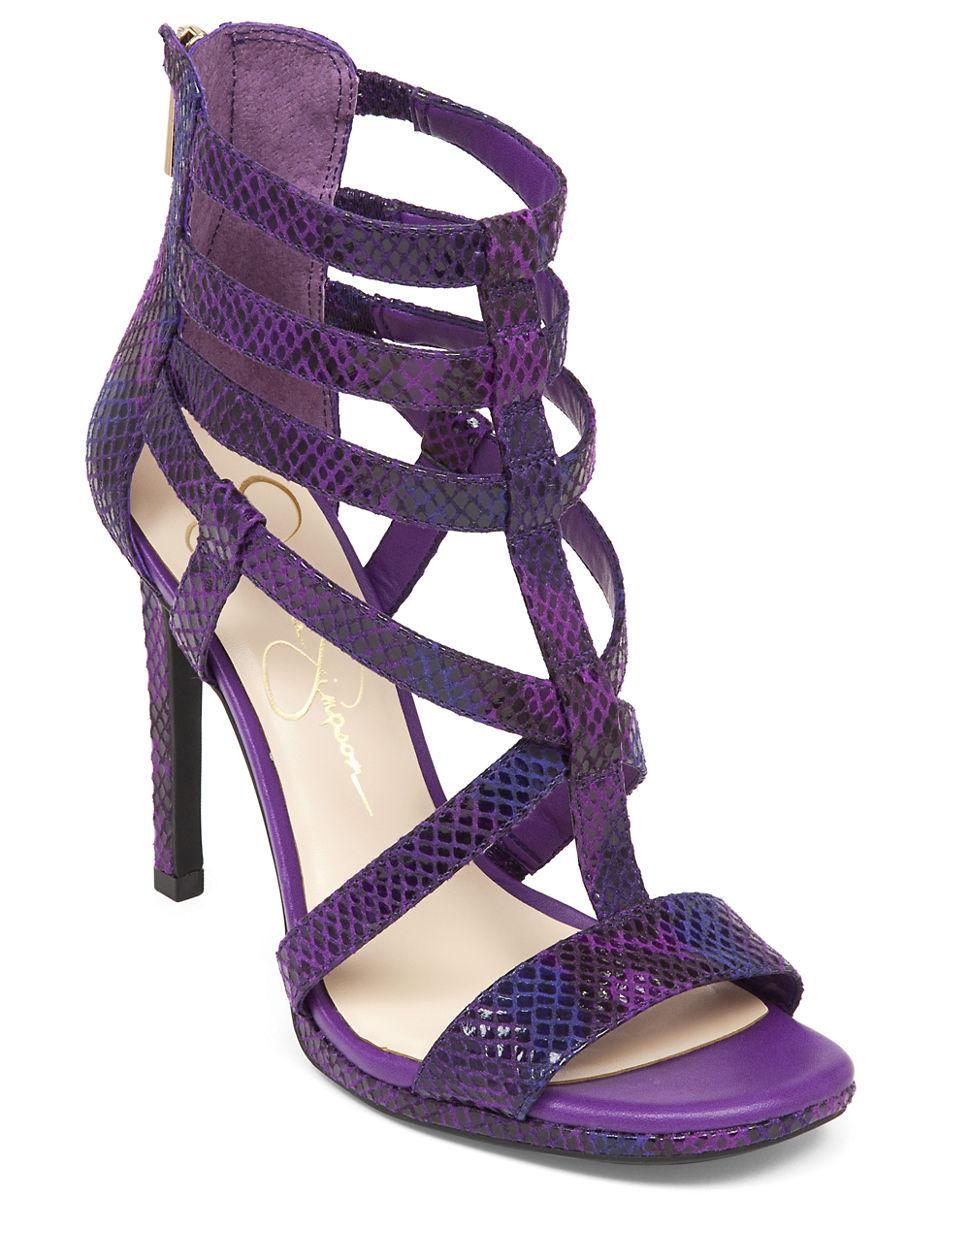 Purple Sandals With Heels